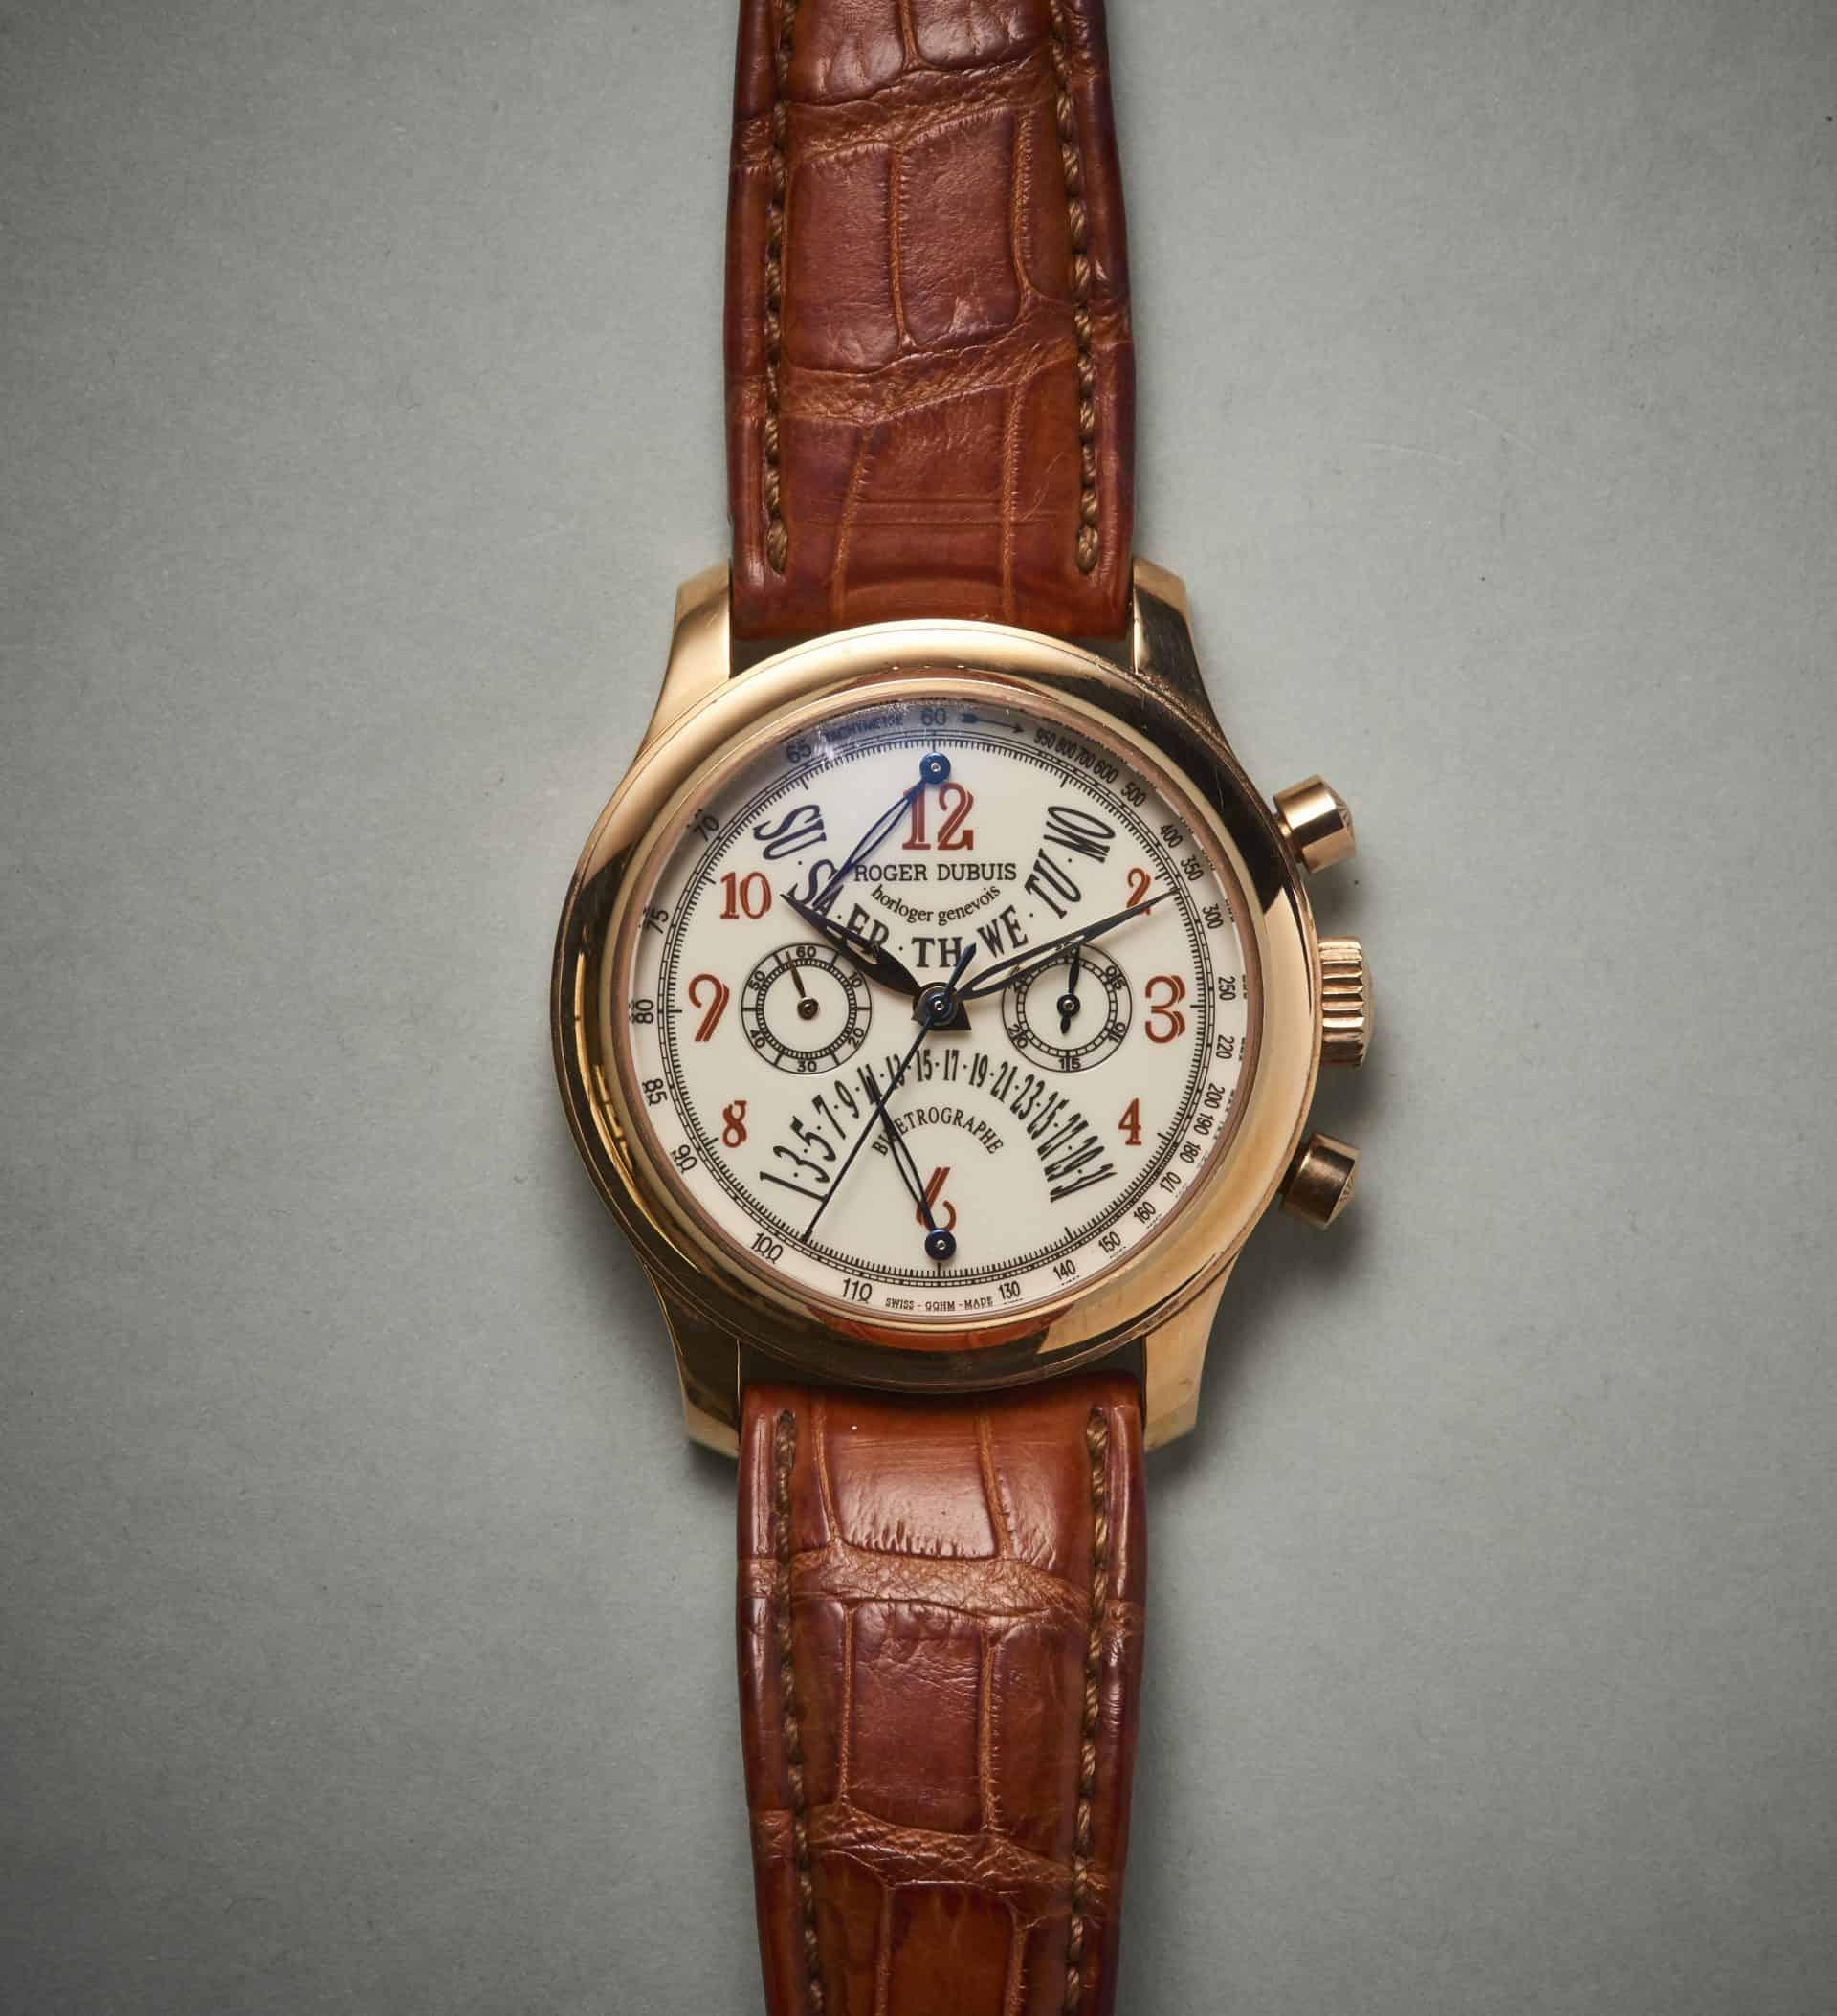 Roger Dubuis: Hommage Chronograph Bi-Retrograd mit retrograder Datums- und Wochentagsanzeige